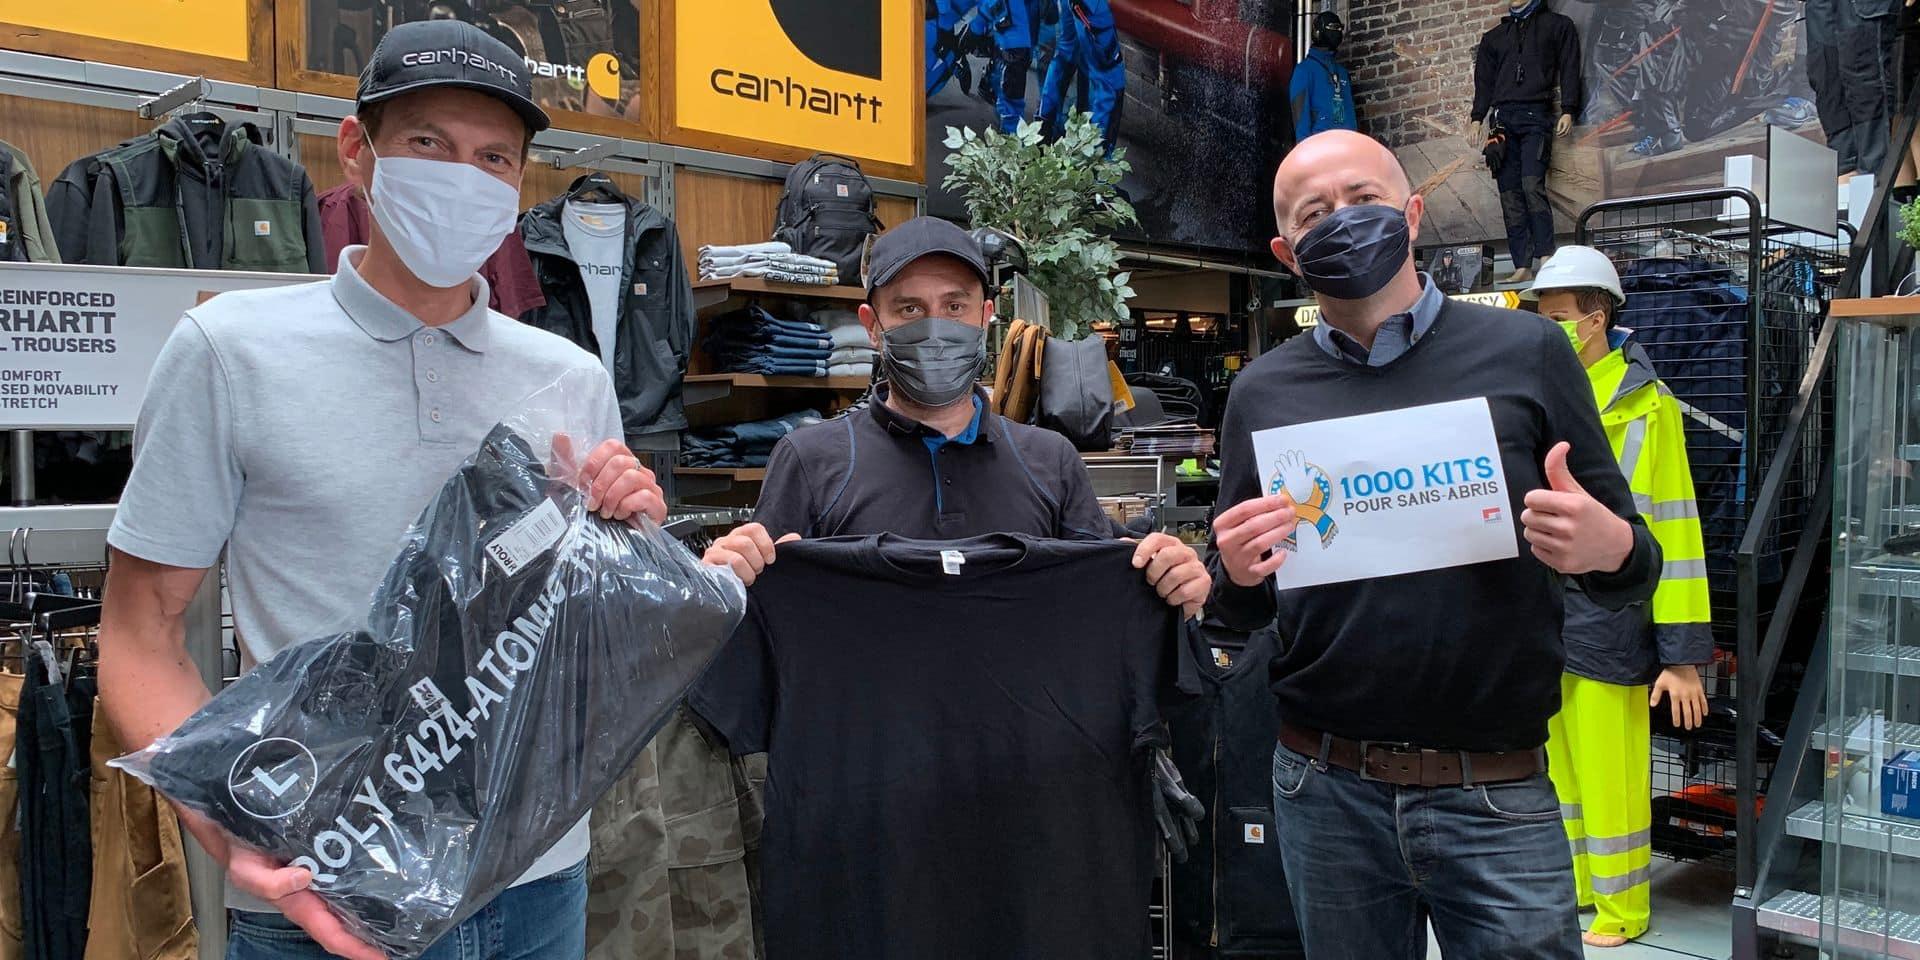 Liège : 1 000 kits pour les sans-abris !